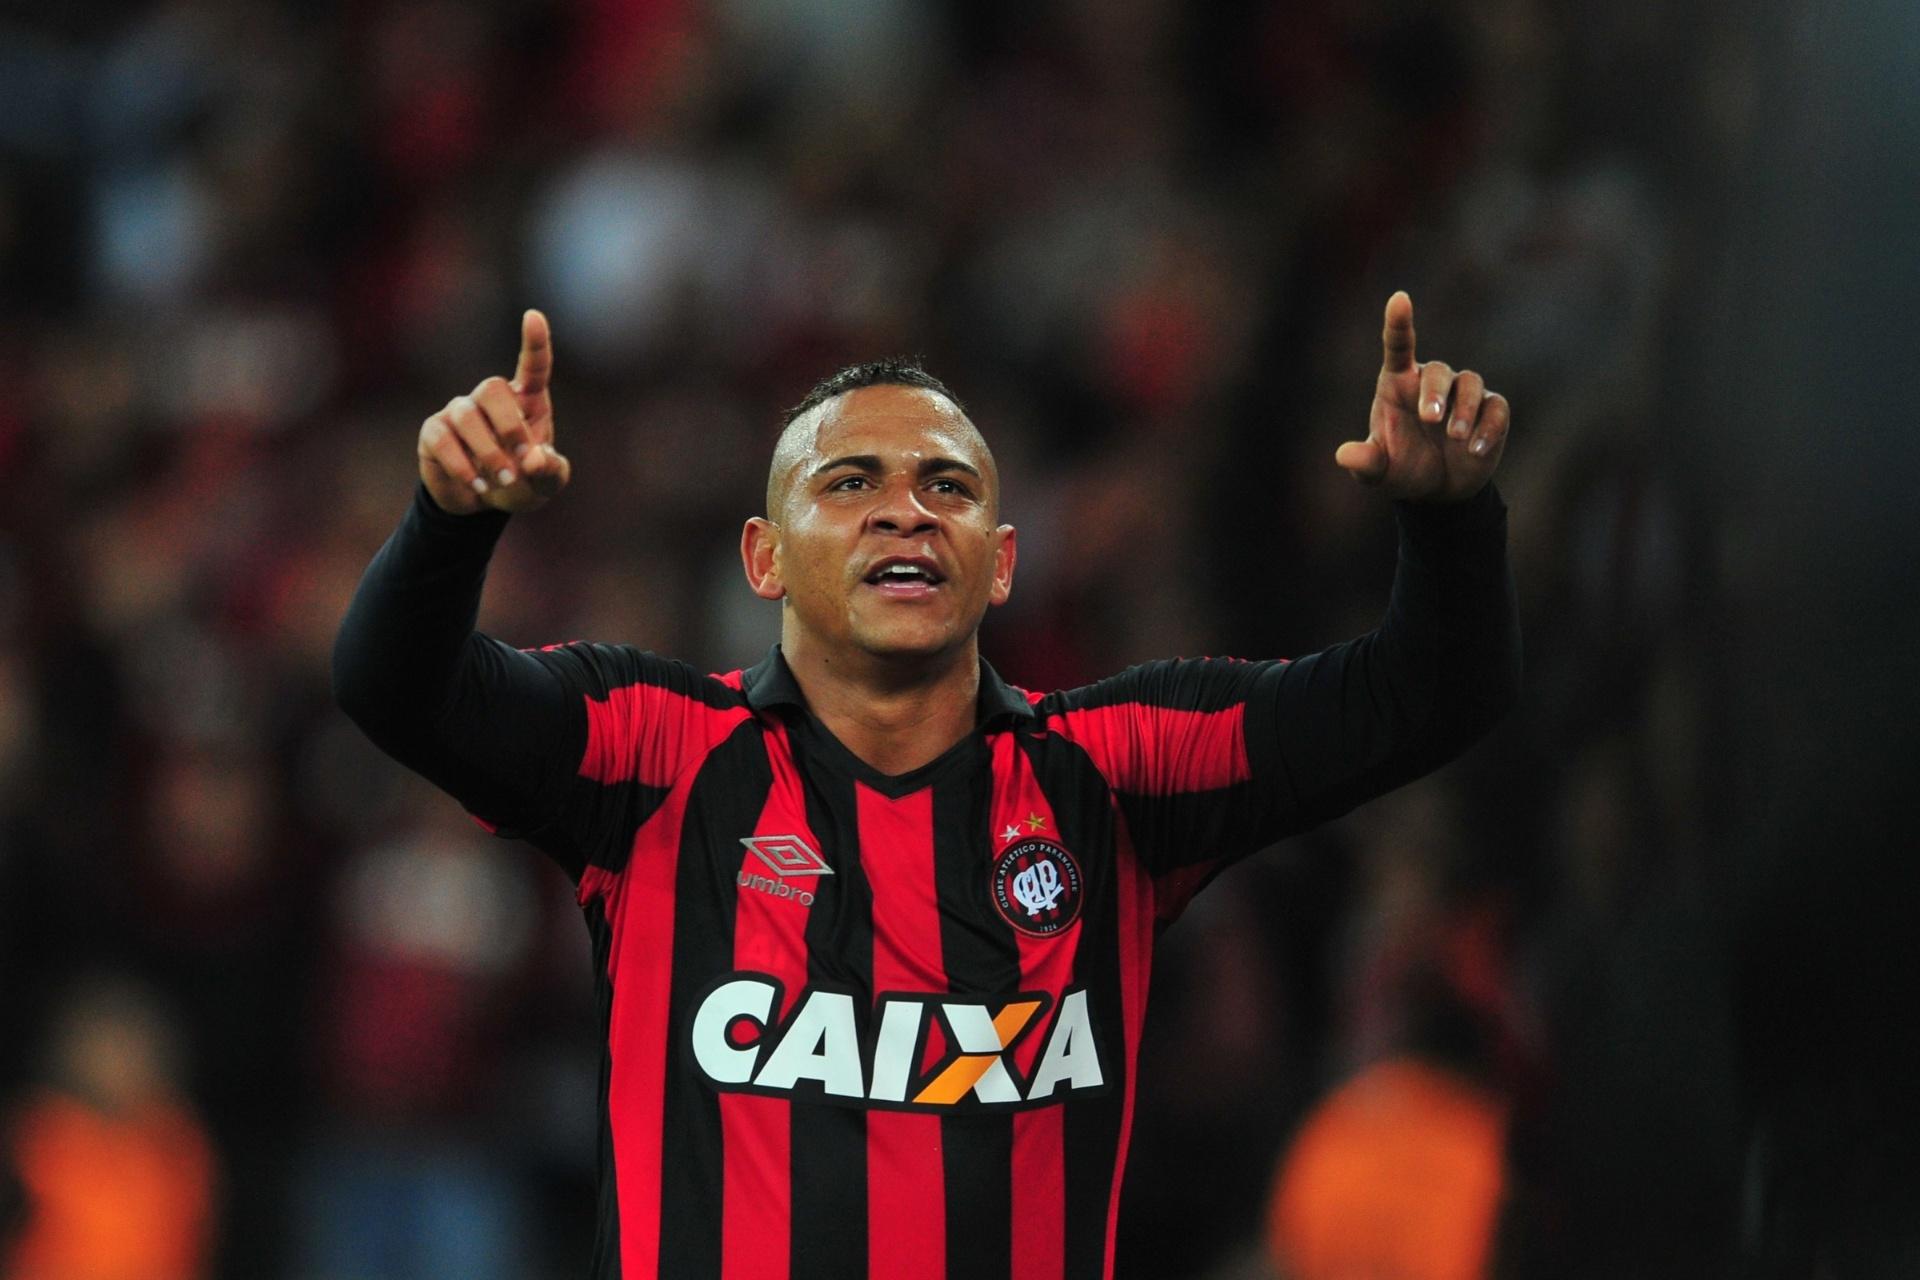 98928fa704 Atlético-PR vence com dois gols de Walter e tira Corinthians da liderança -  03 08 2016 - UOL Esporte